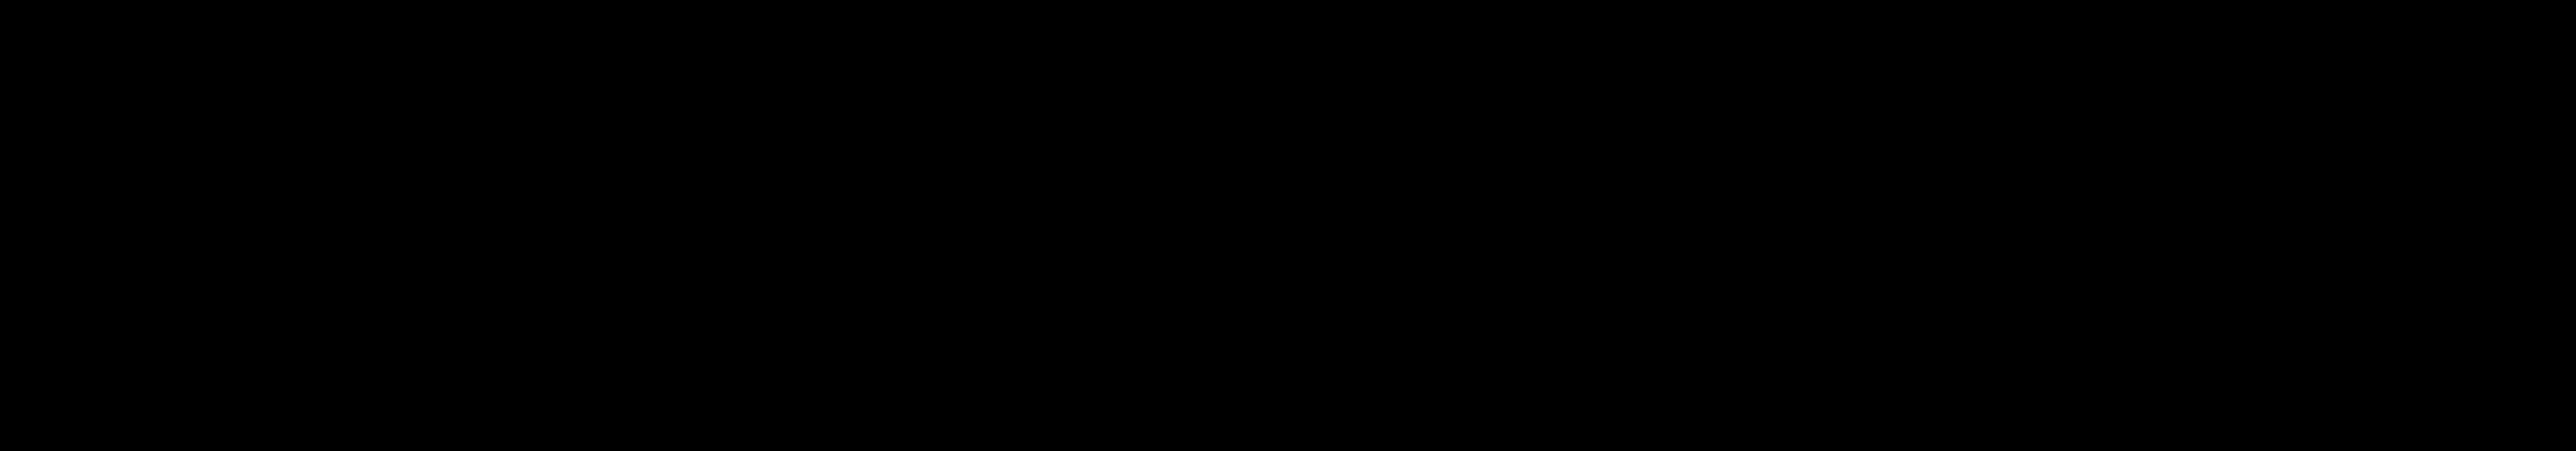 Bumble logo.